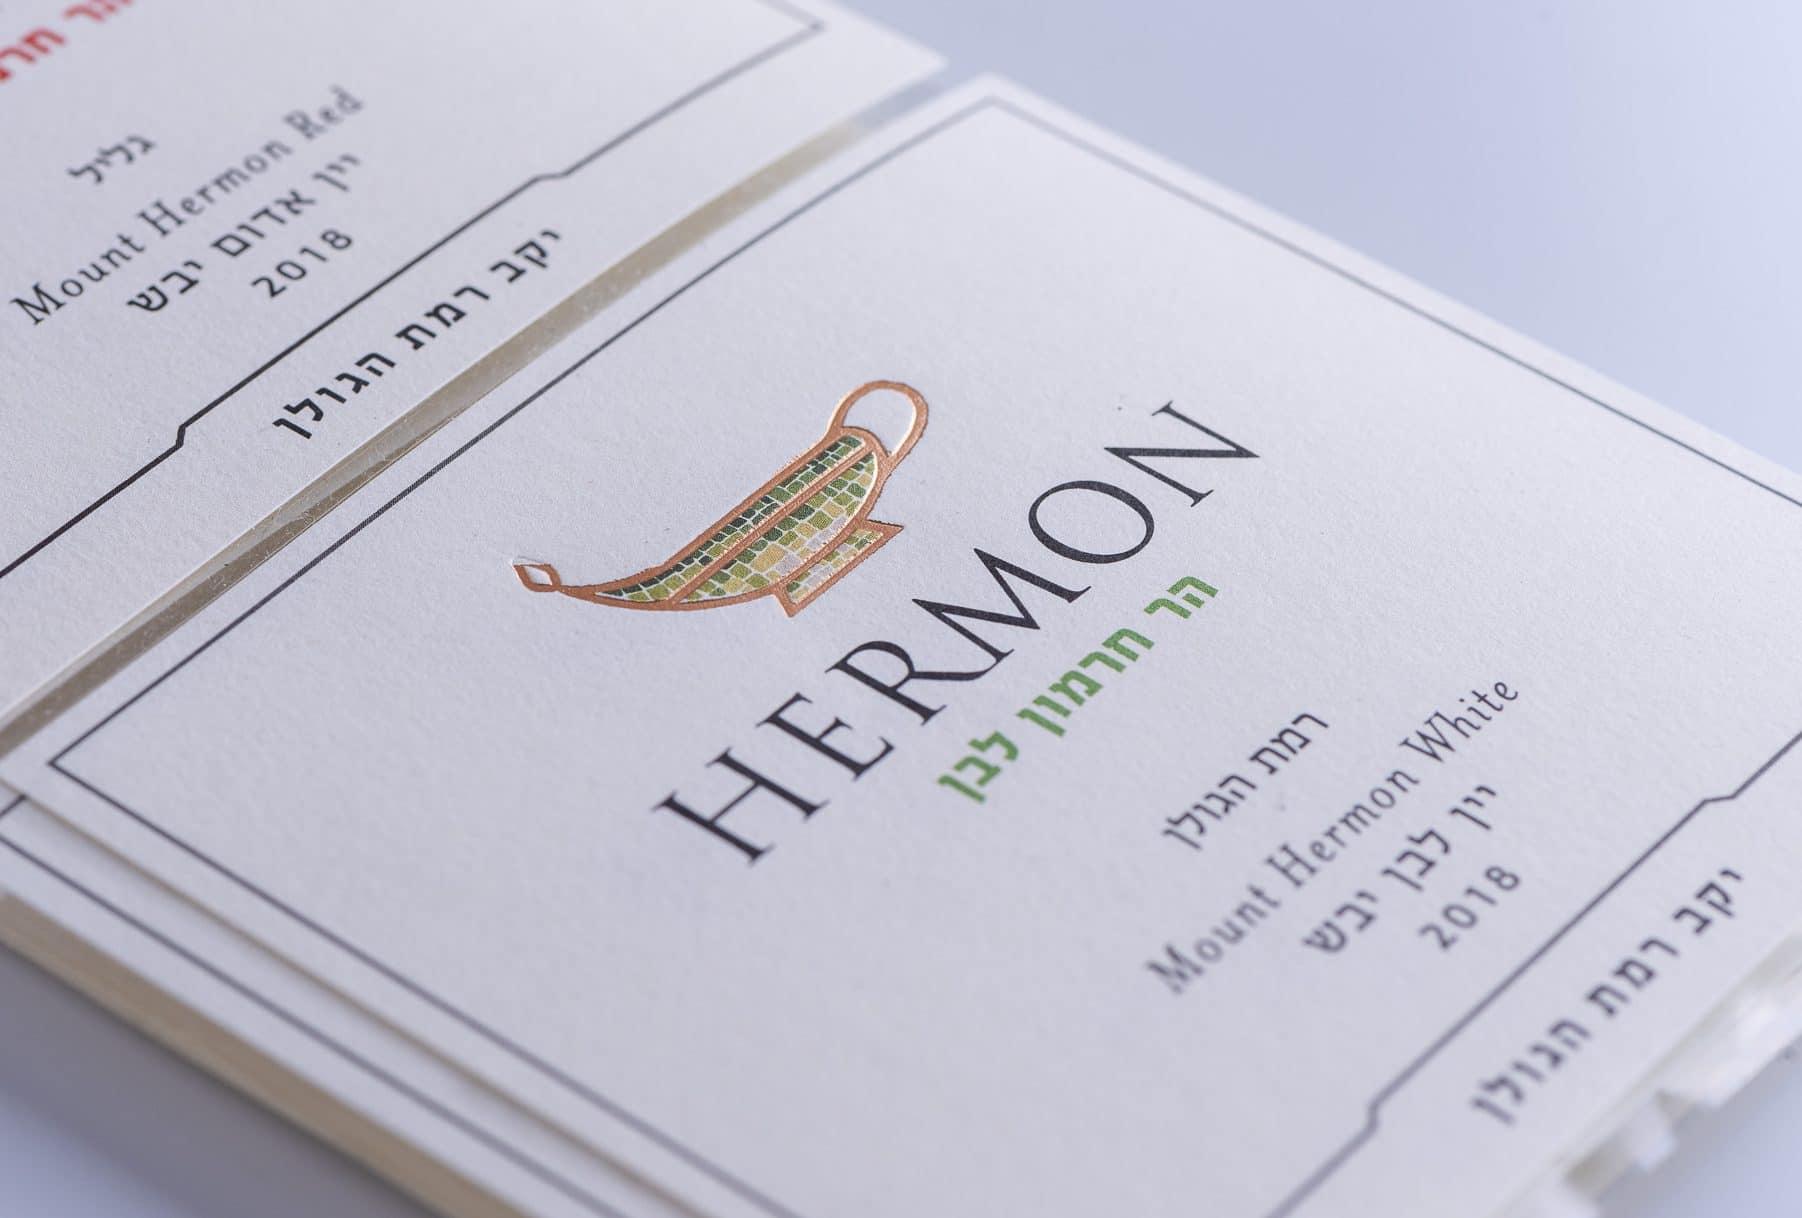 הדפסת תוויות לבנות עם הבלטה מוזהבת ולכה סלקטיבית ליקב רמת הגולן, בקבוקי יין חרמון, יין לבן יבש, בציר בשנת 2018.